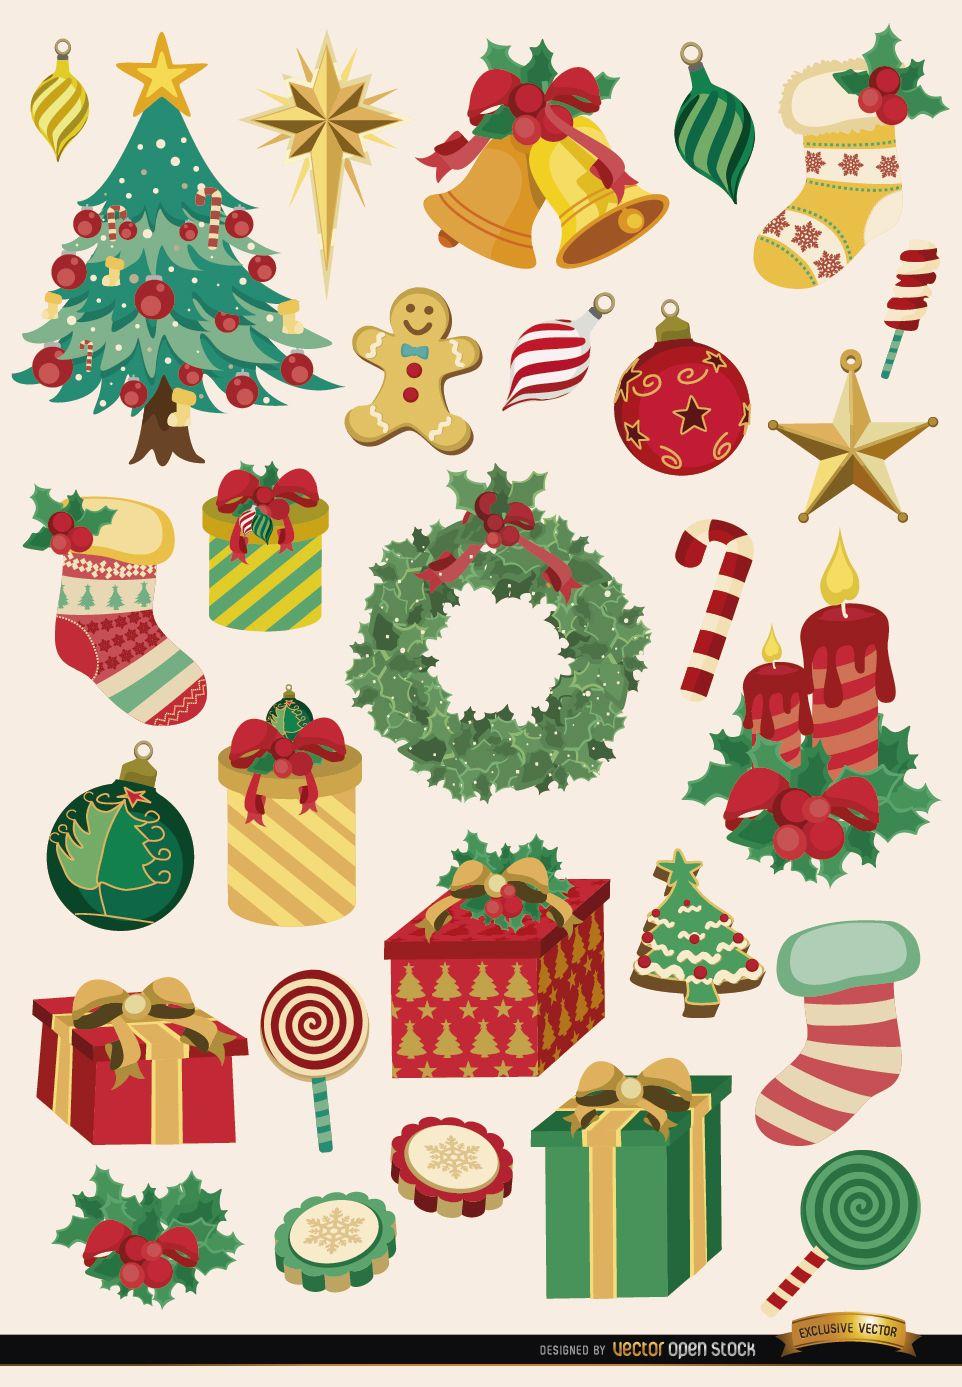 28 elementos y objetos navideños